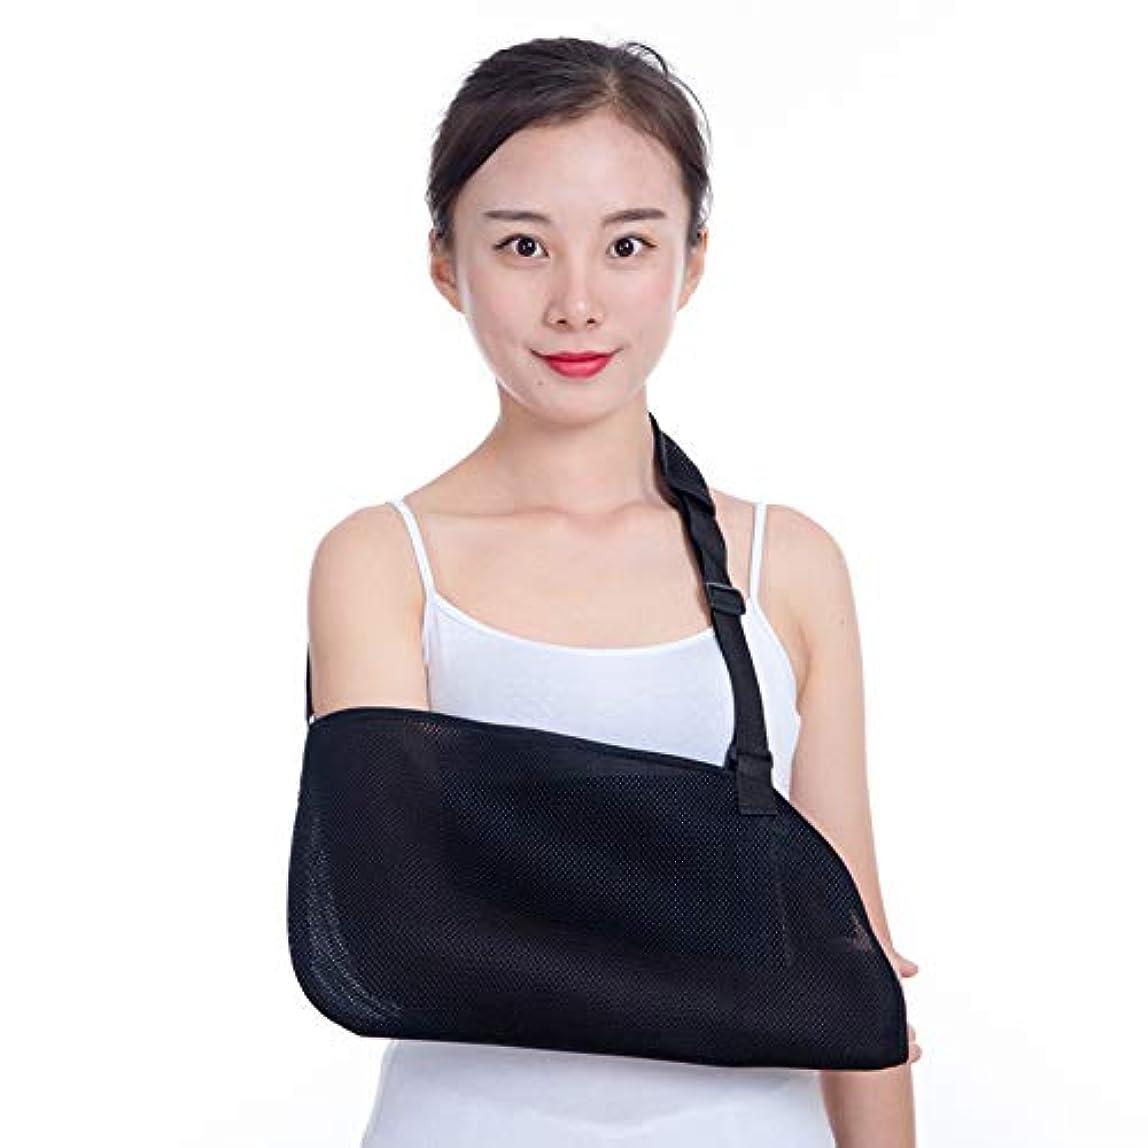 半径教育者トロイの木馬メッシュアームサポートスリング、ショルダーイモビライザーブレース、通気性と軽量、肩、腕、肘、回旋腱板の痛みを完全に調整可能